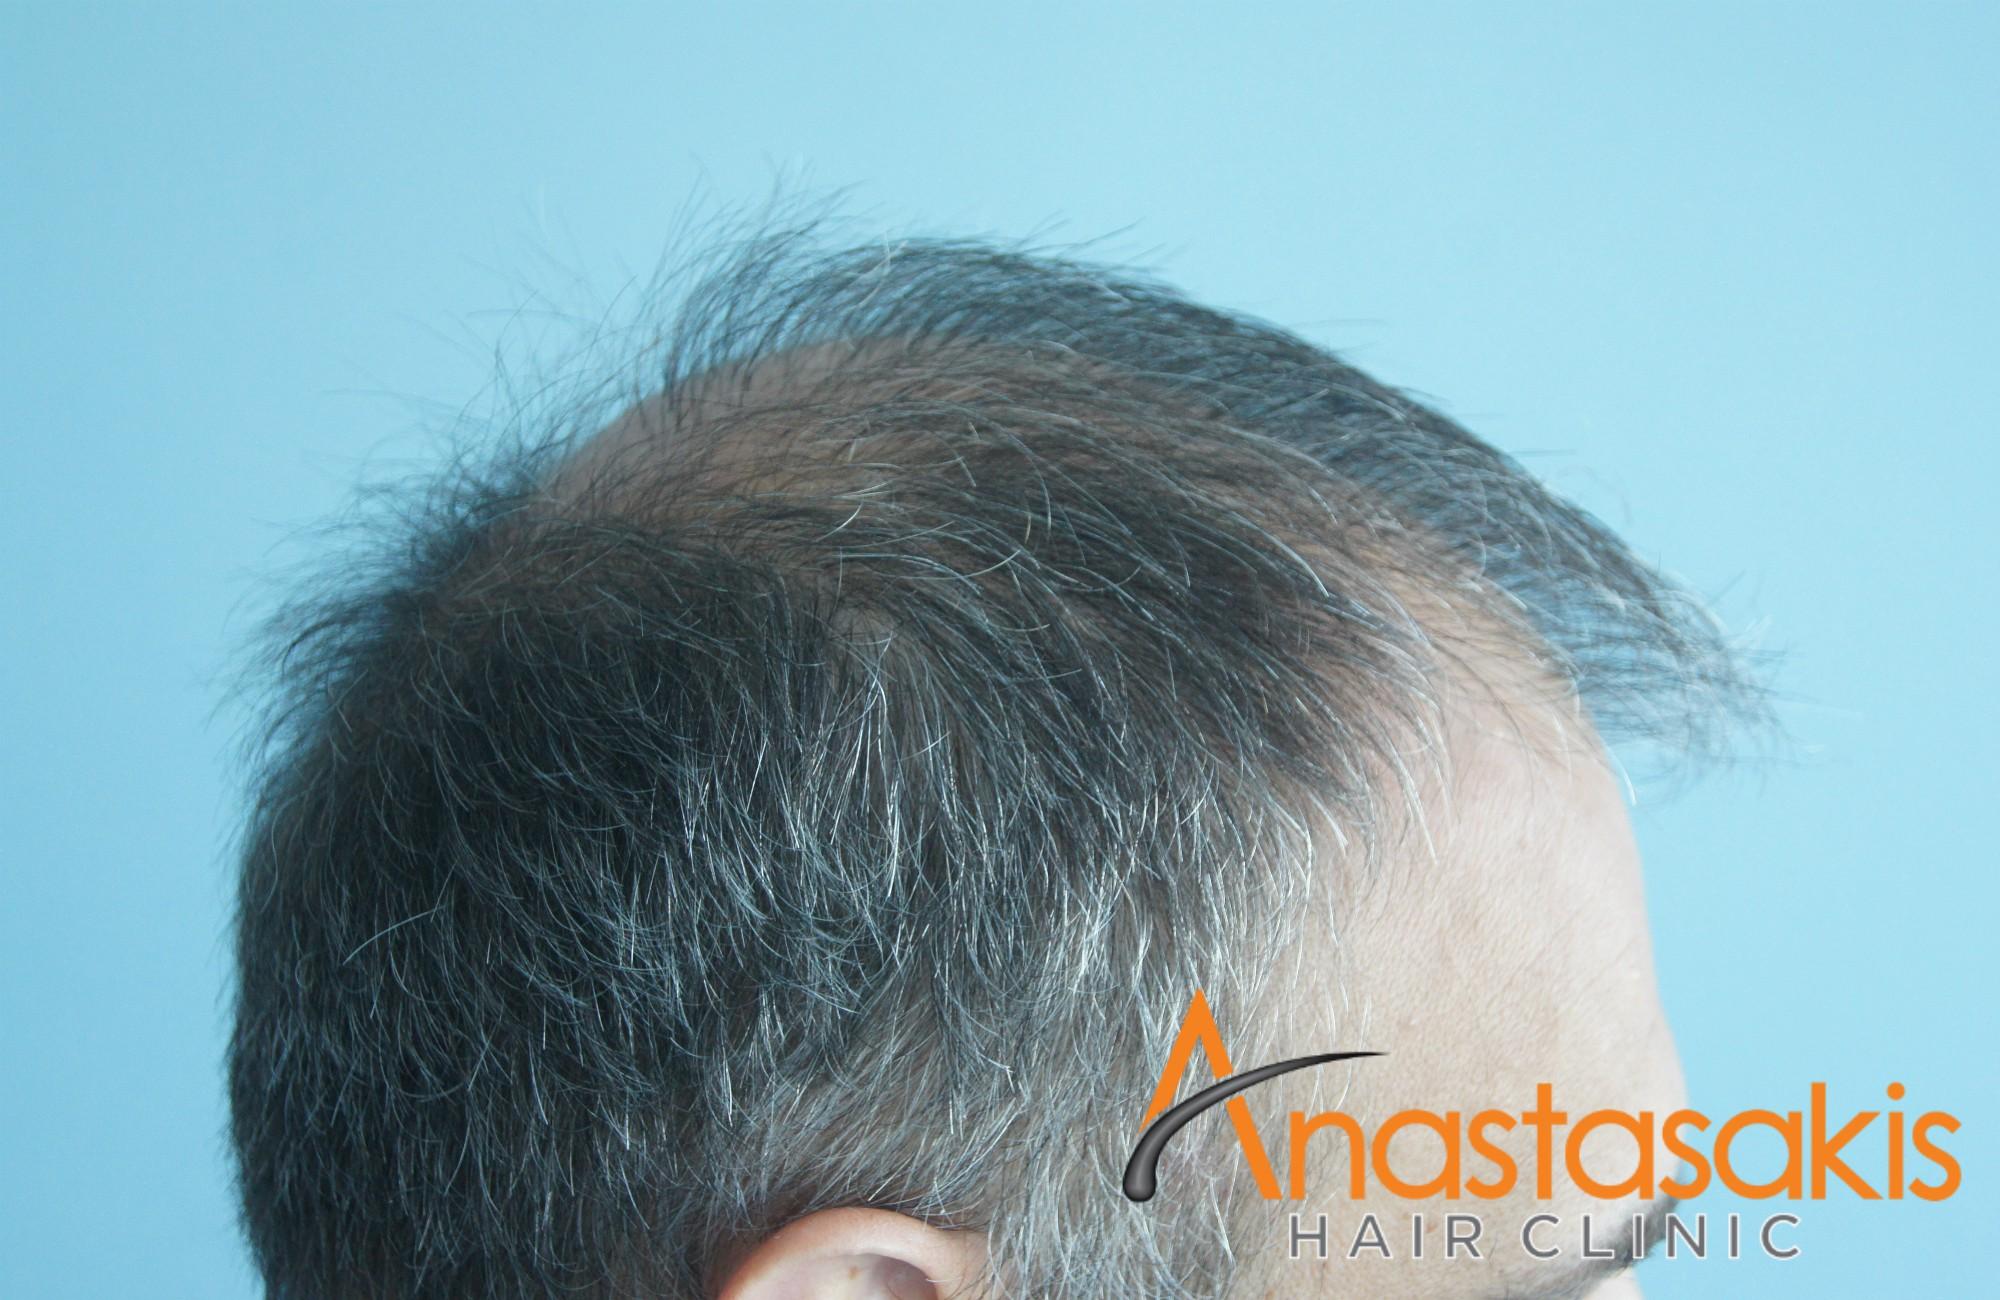 αριστερό προφίλ ασθενους πριν την εμφύτευση μαλλιών με 3500 fus